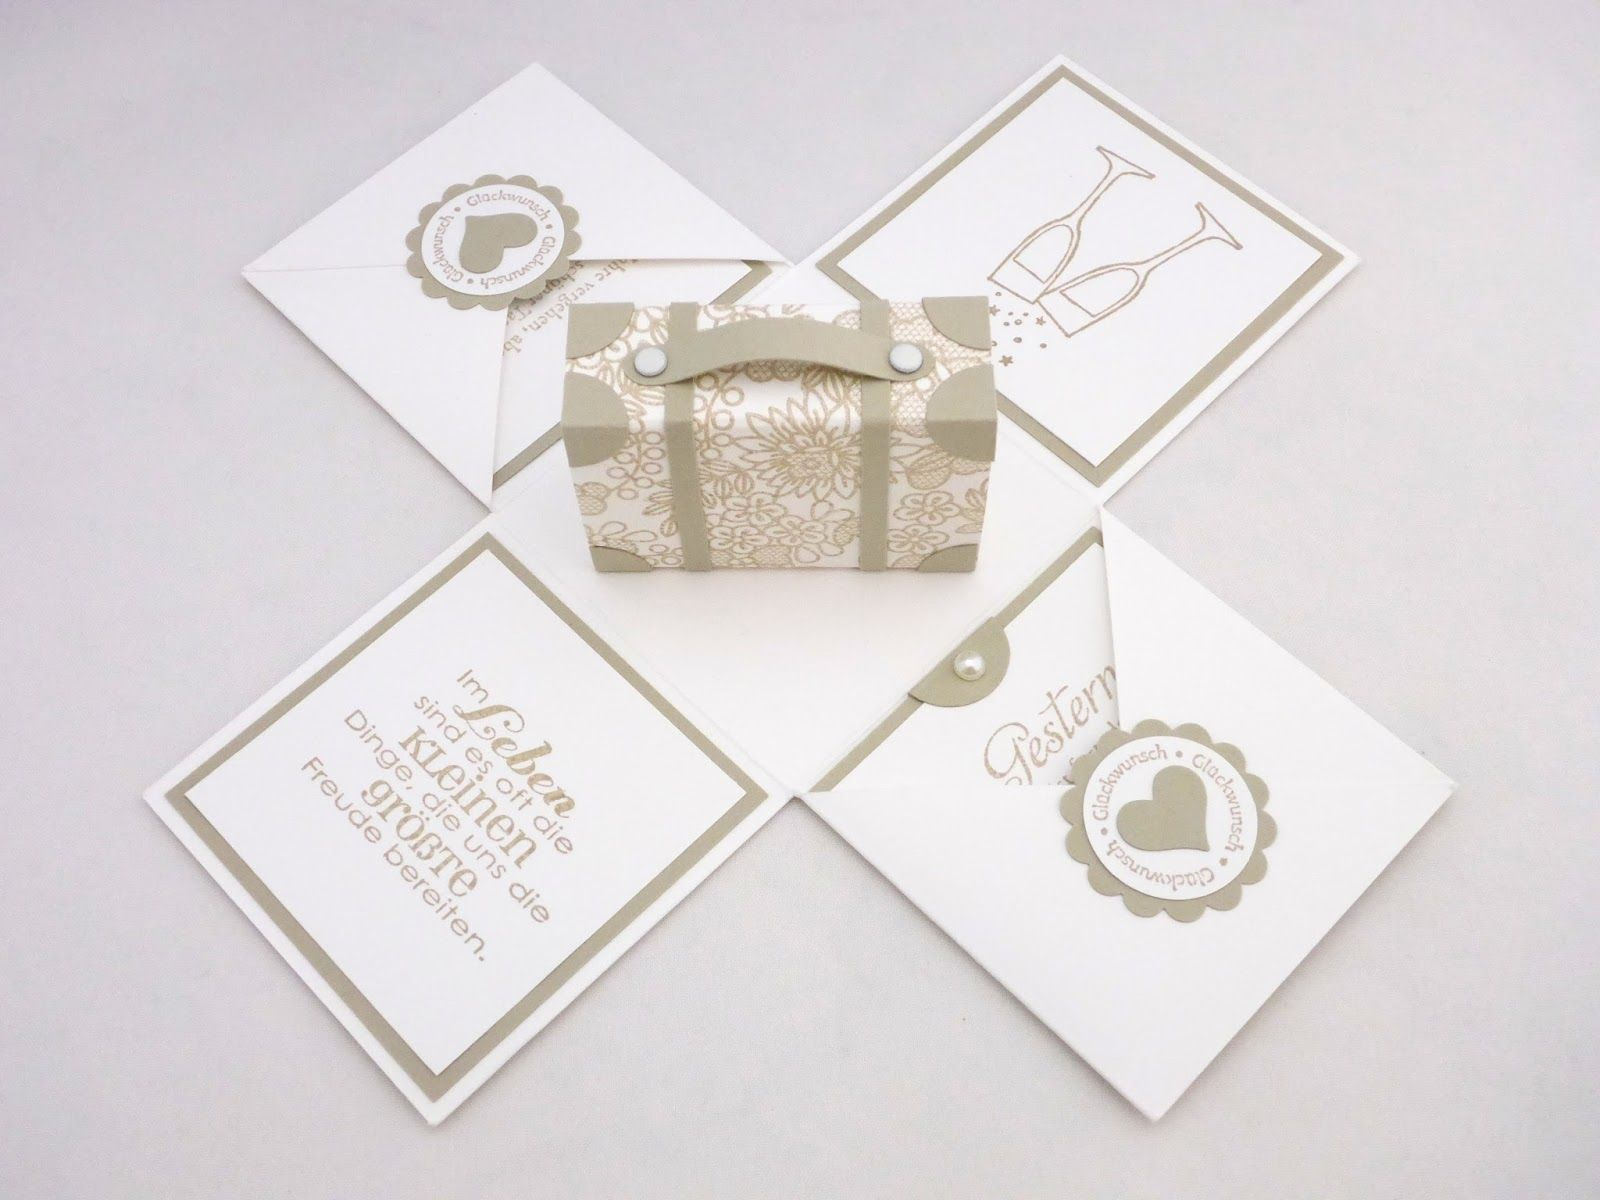 Die Goldene Hochzeit Meiner Eltern Habe Ich Dann Auch Gleich Zum Anlass Genommen Meine Erste Exp Goldene Hochzeit Geschenke Zur Goldenen Hochzeit Explosionsbox